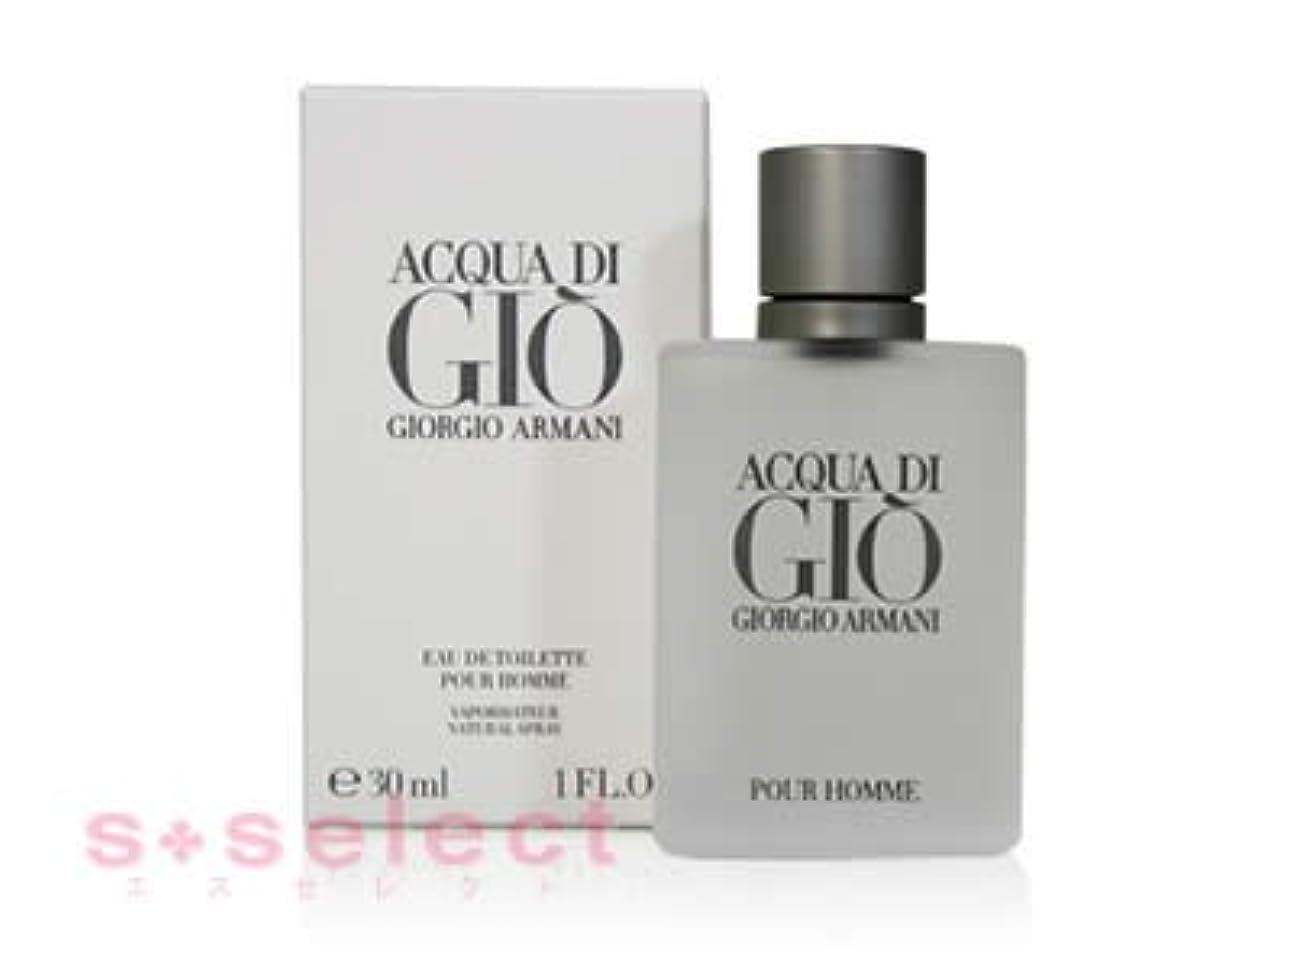 全体オーナー不足ジョルジオアルマーニ アルマーニ アクア ディ ジオ プールオム 30ml メンズ 香水